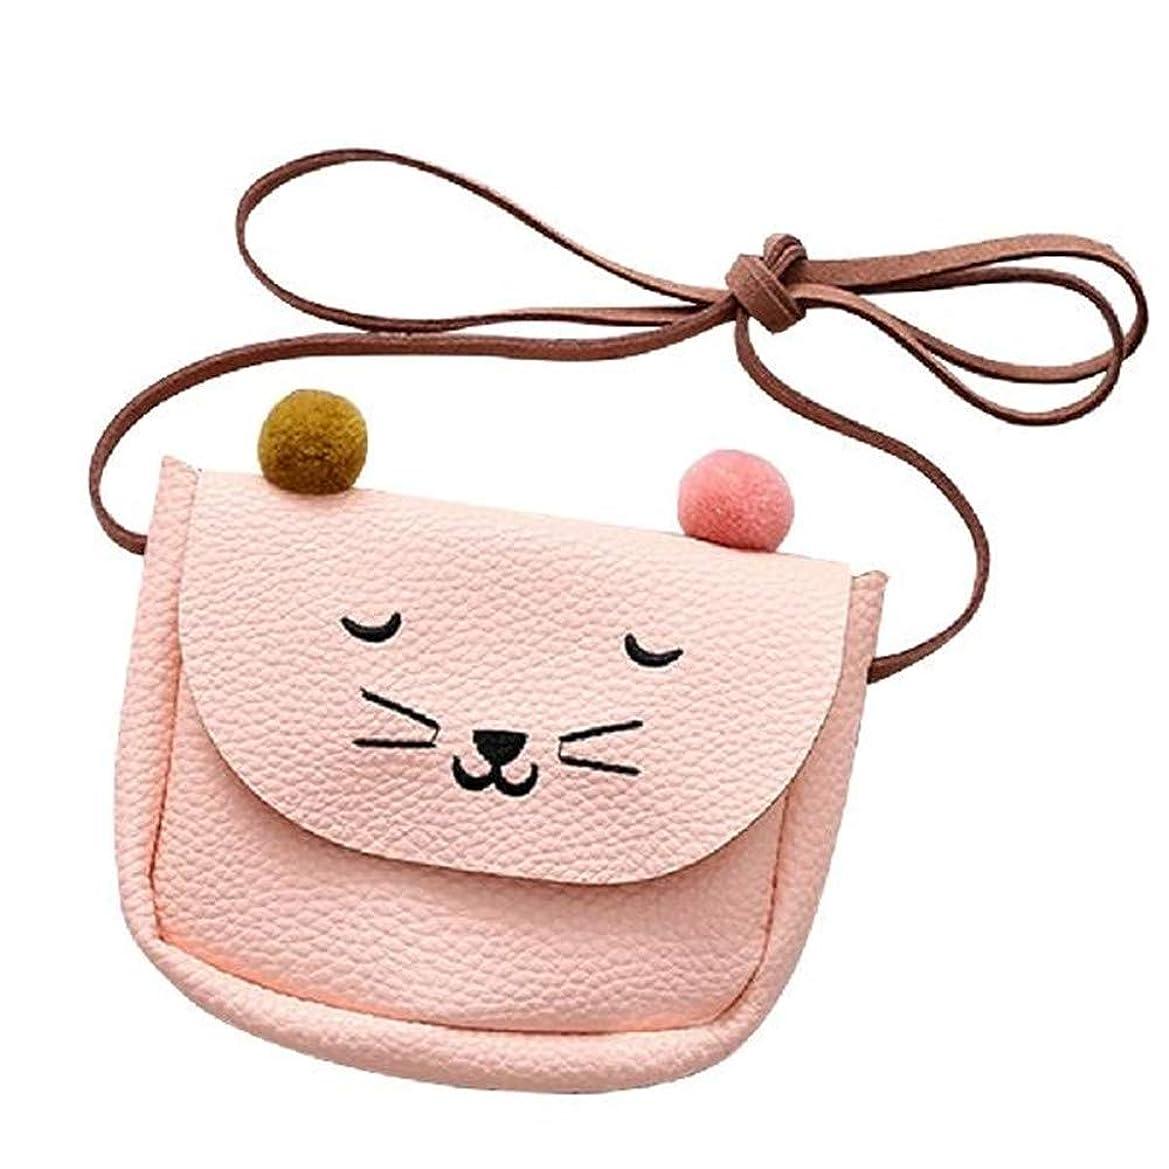 め言葉踊り子隔離Kingsie キッズ ショルダーバッグ ポシェット 財布 かわいい 猫柄 コンパクト 斜め掛けバッグ 小銭入れ 小物入れ 子供 女の子